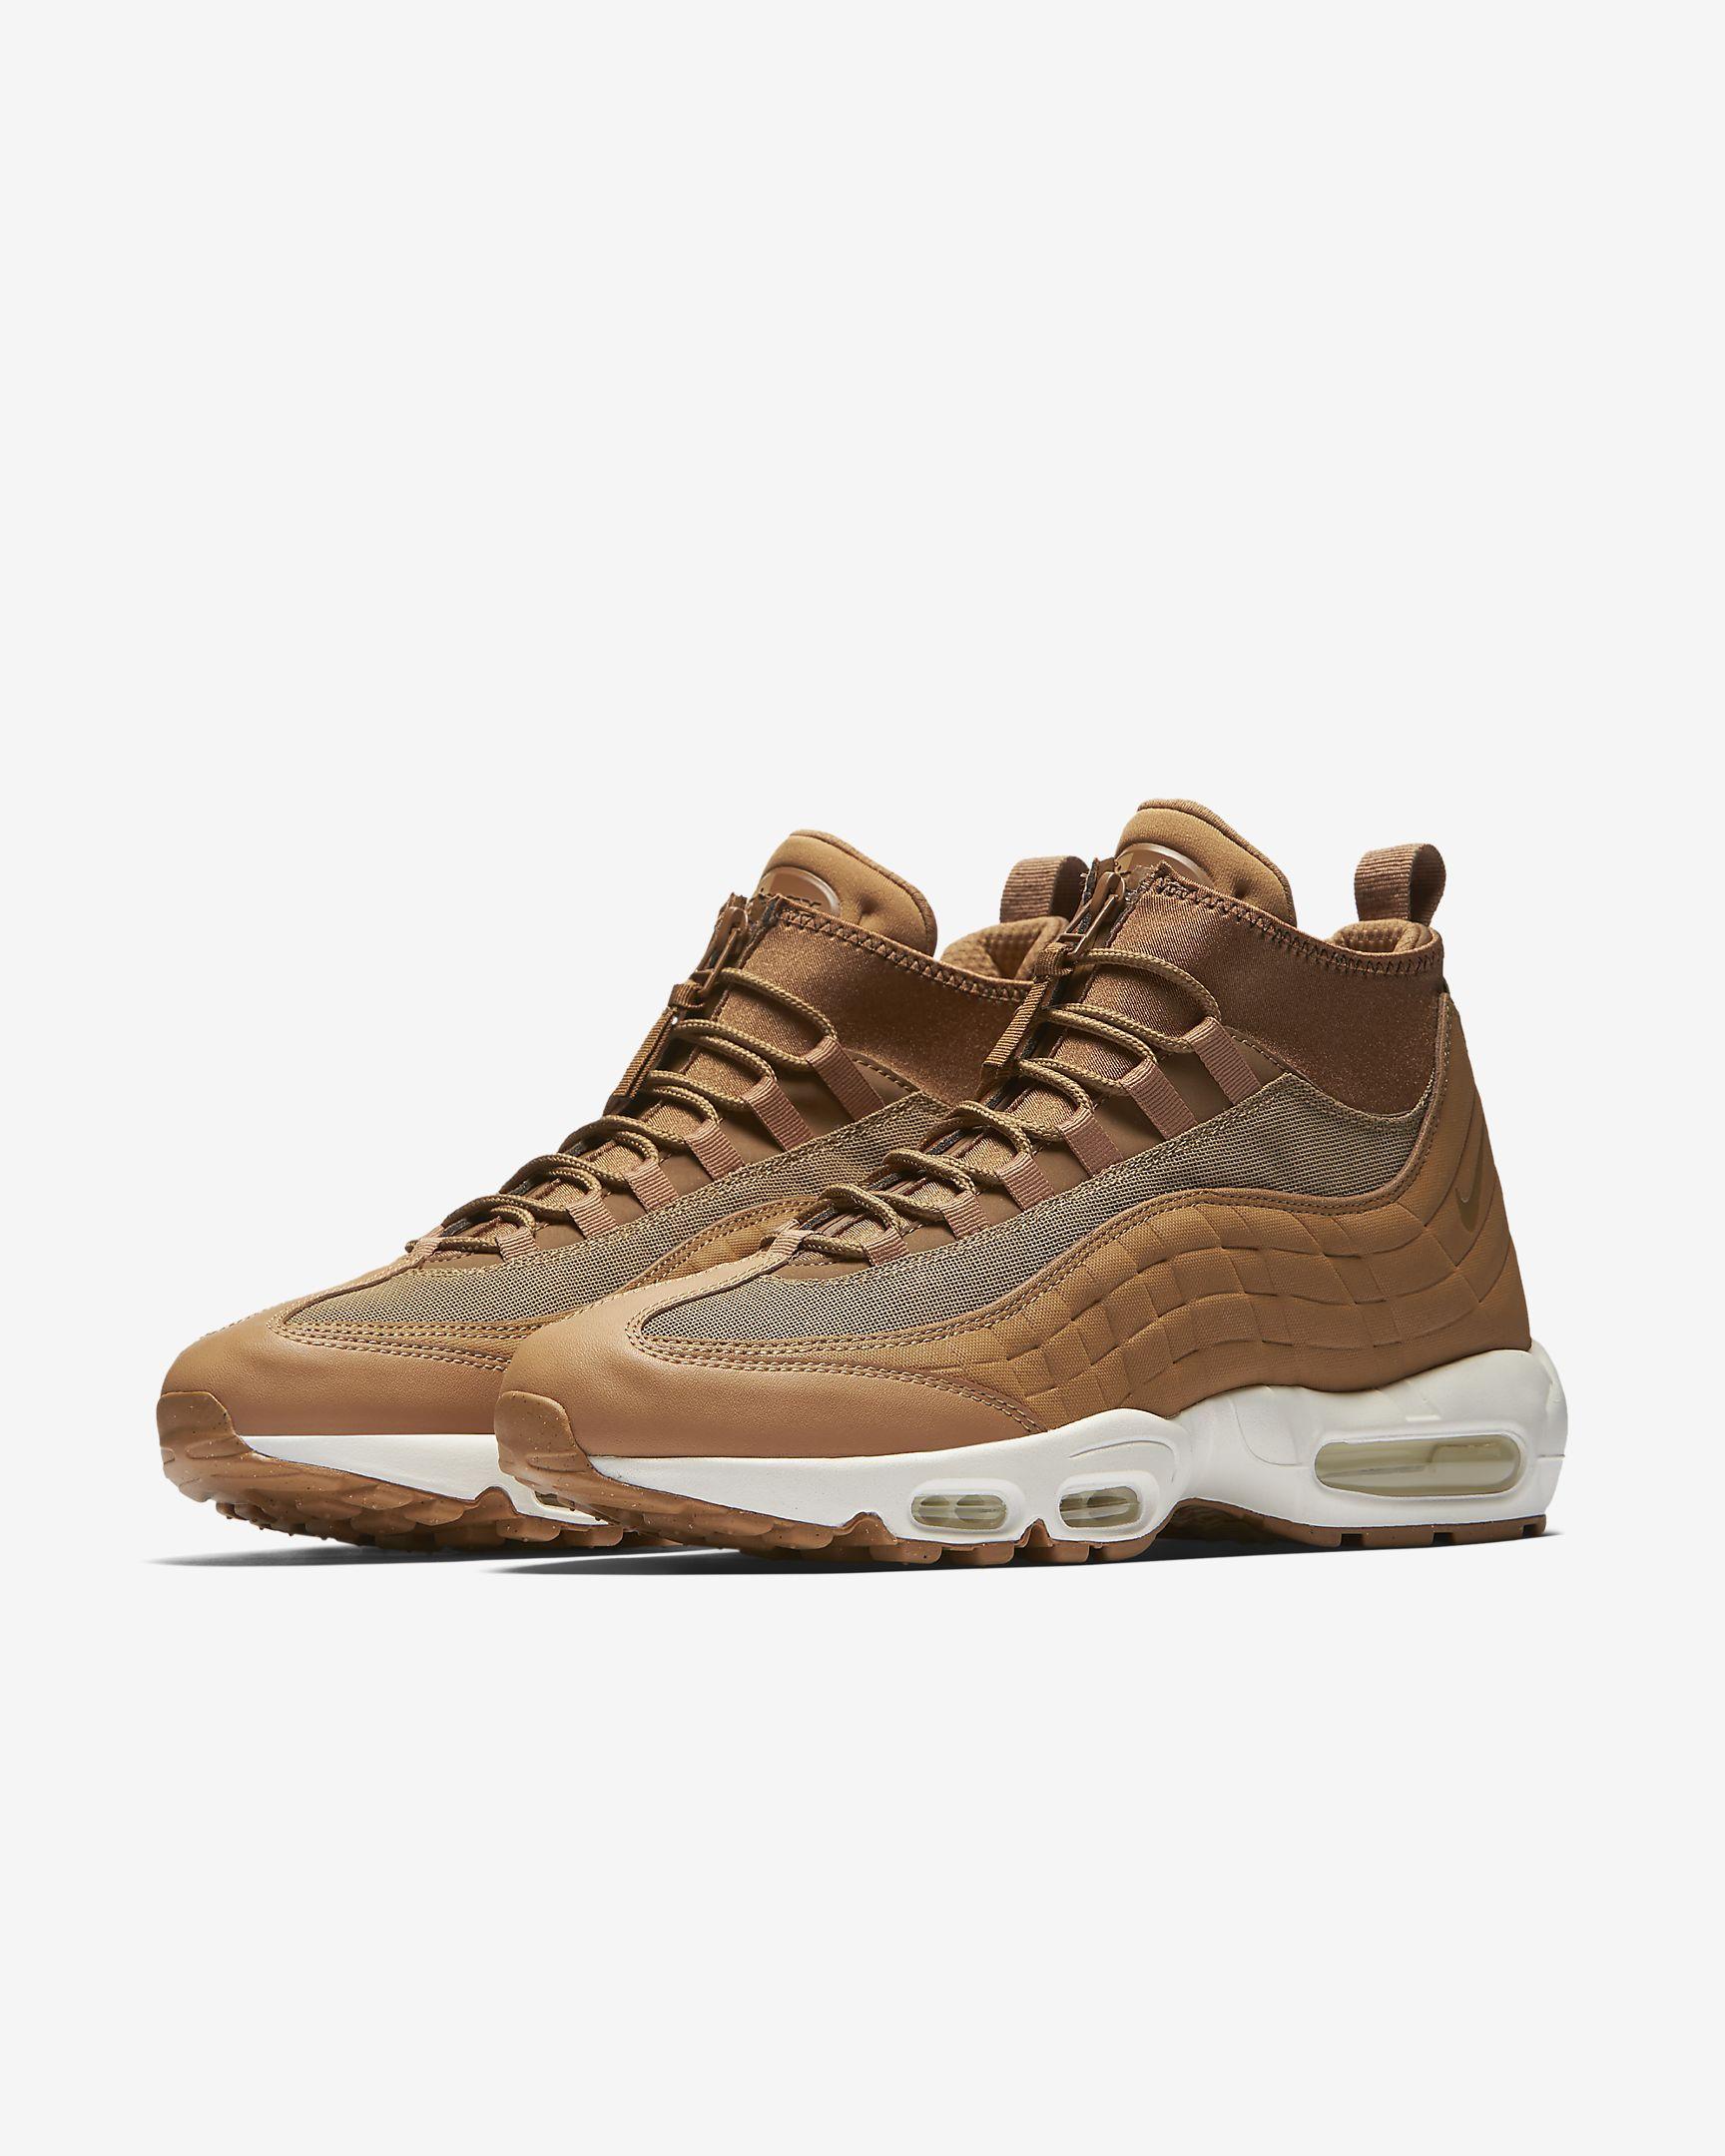 31fdc4cd5f94 Nike Air Max 95 SneakerBoot Men s Boot